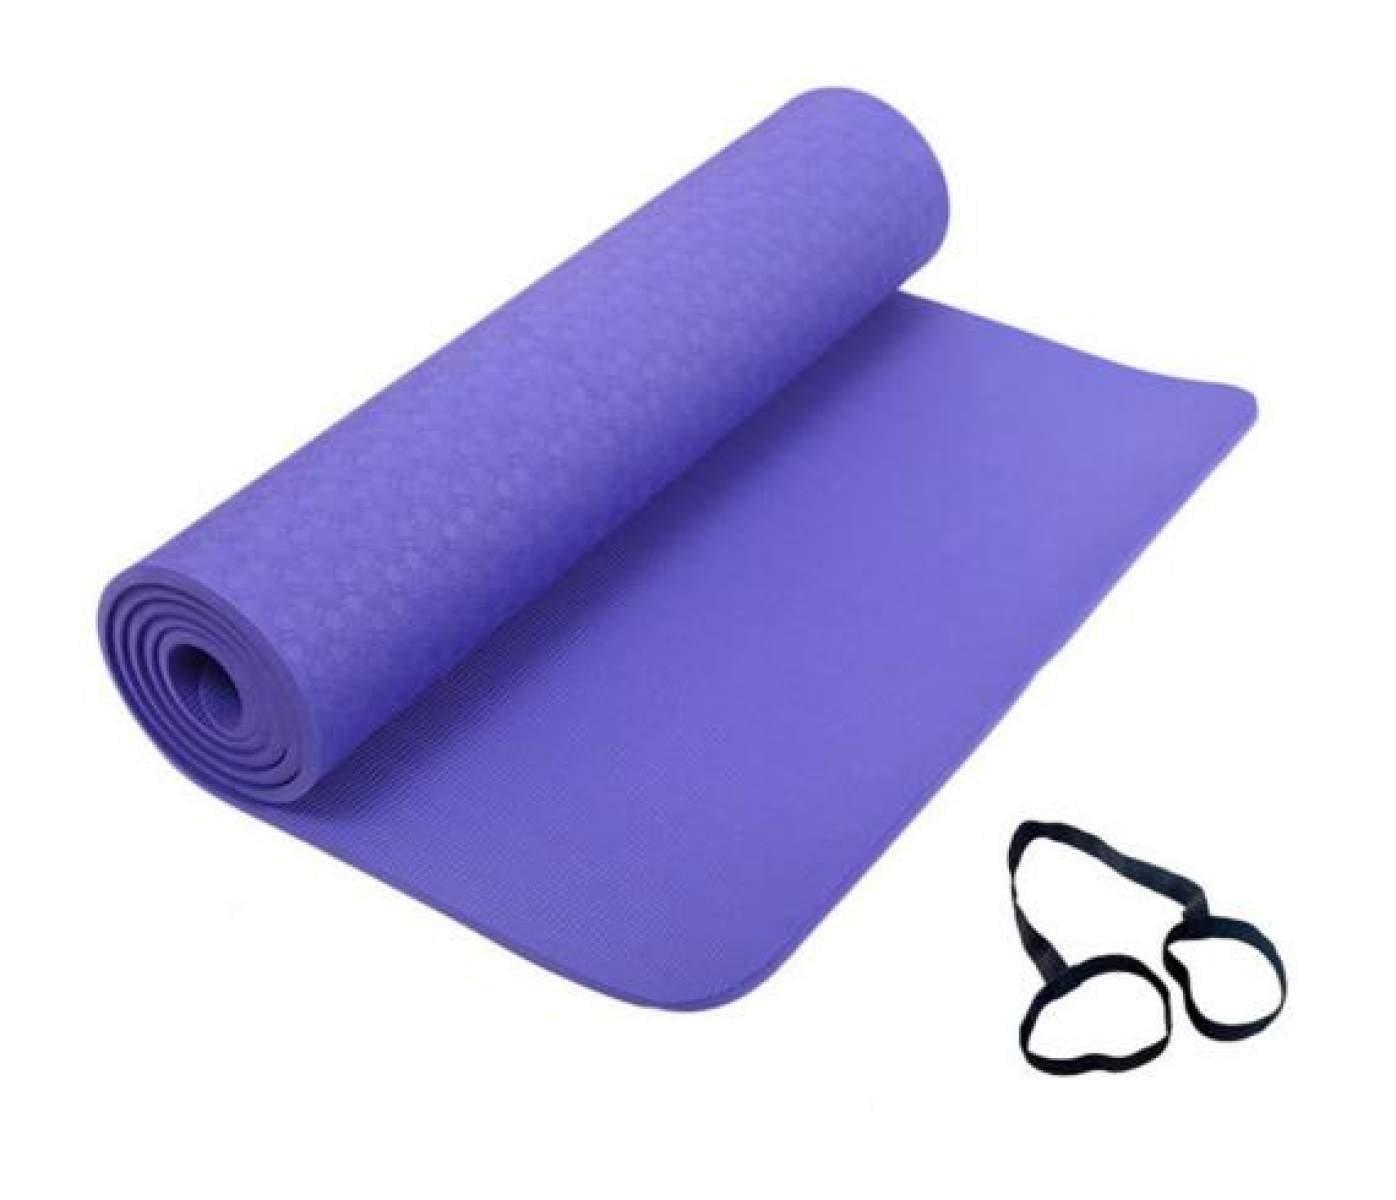 ZHANGHAOBO Yoga-Matten Anti-Rutsch-Fitness-Matten Verlängerte Erweiterte Gymnastik-Matten,A3